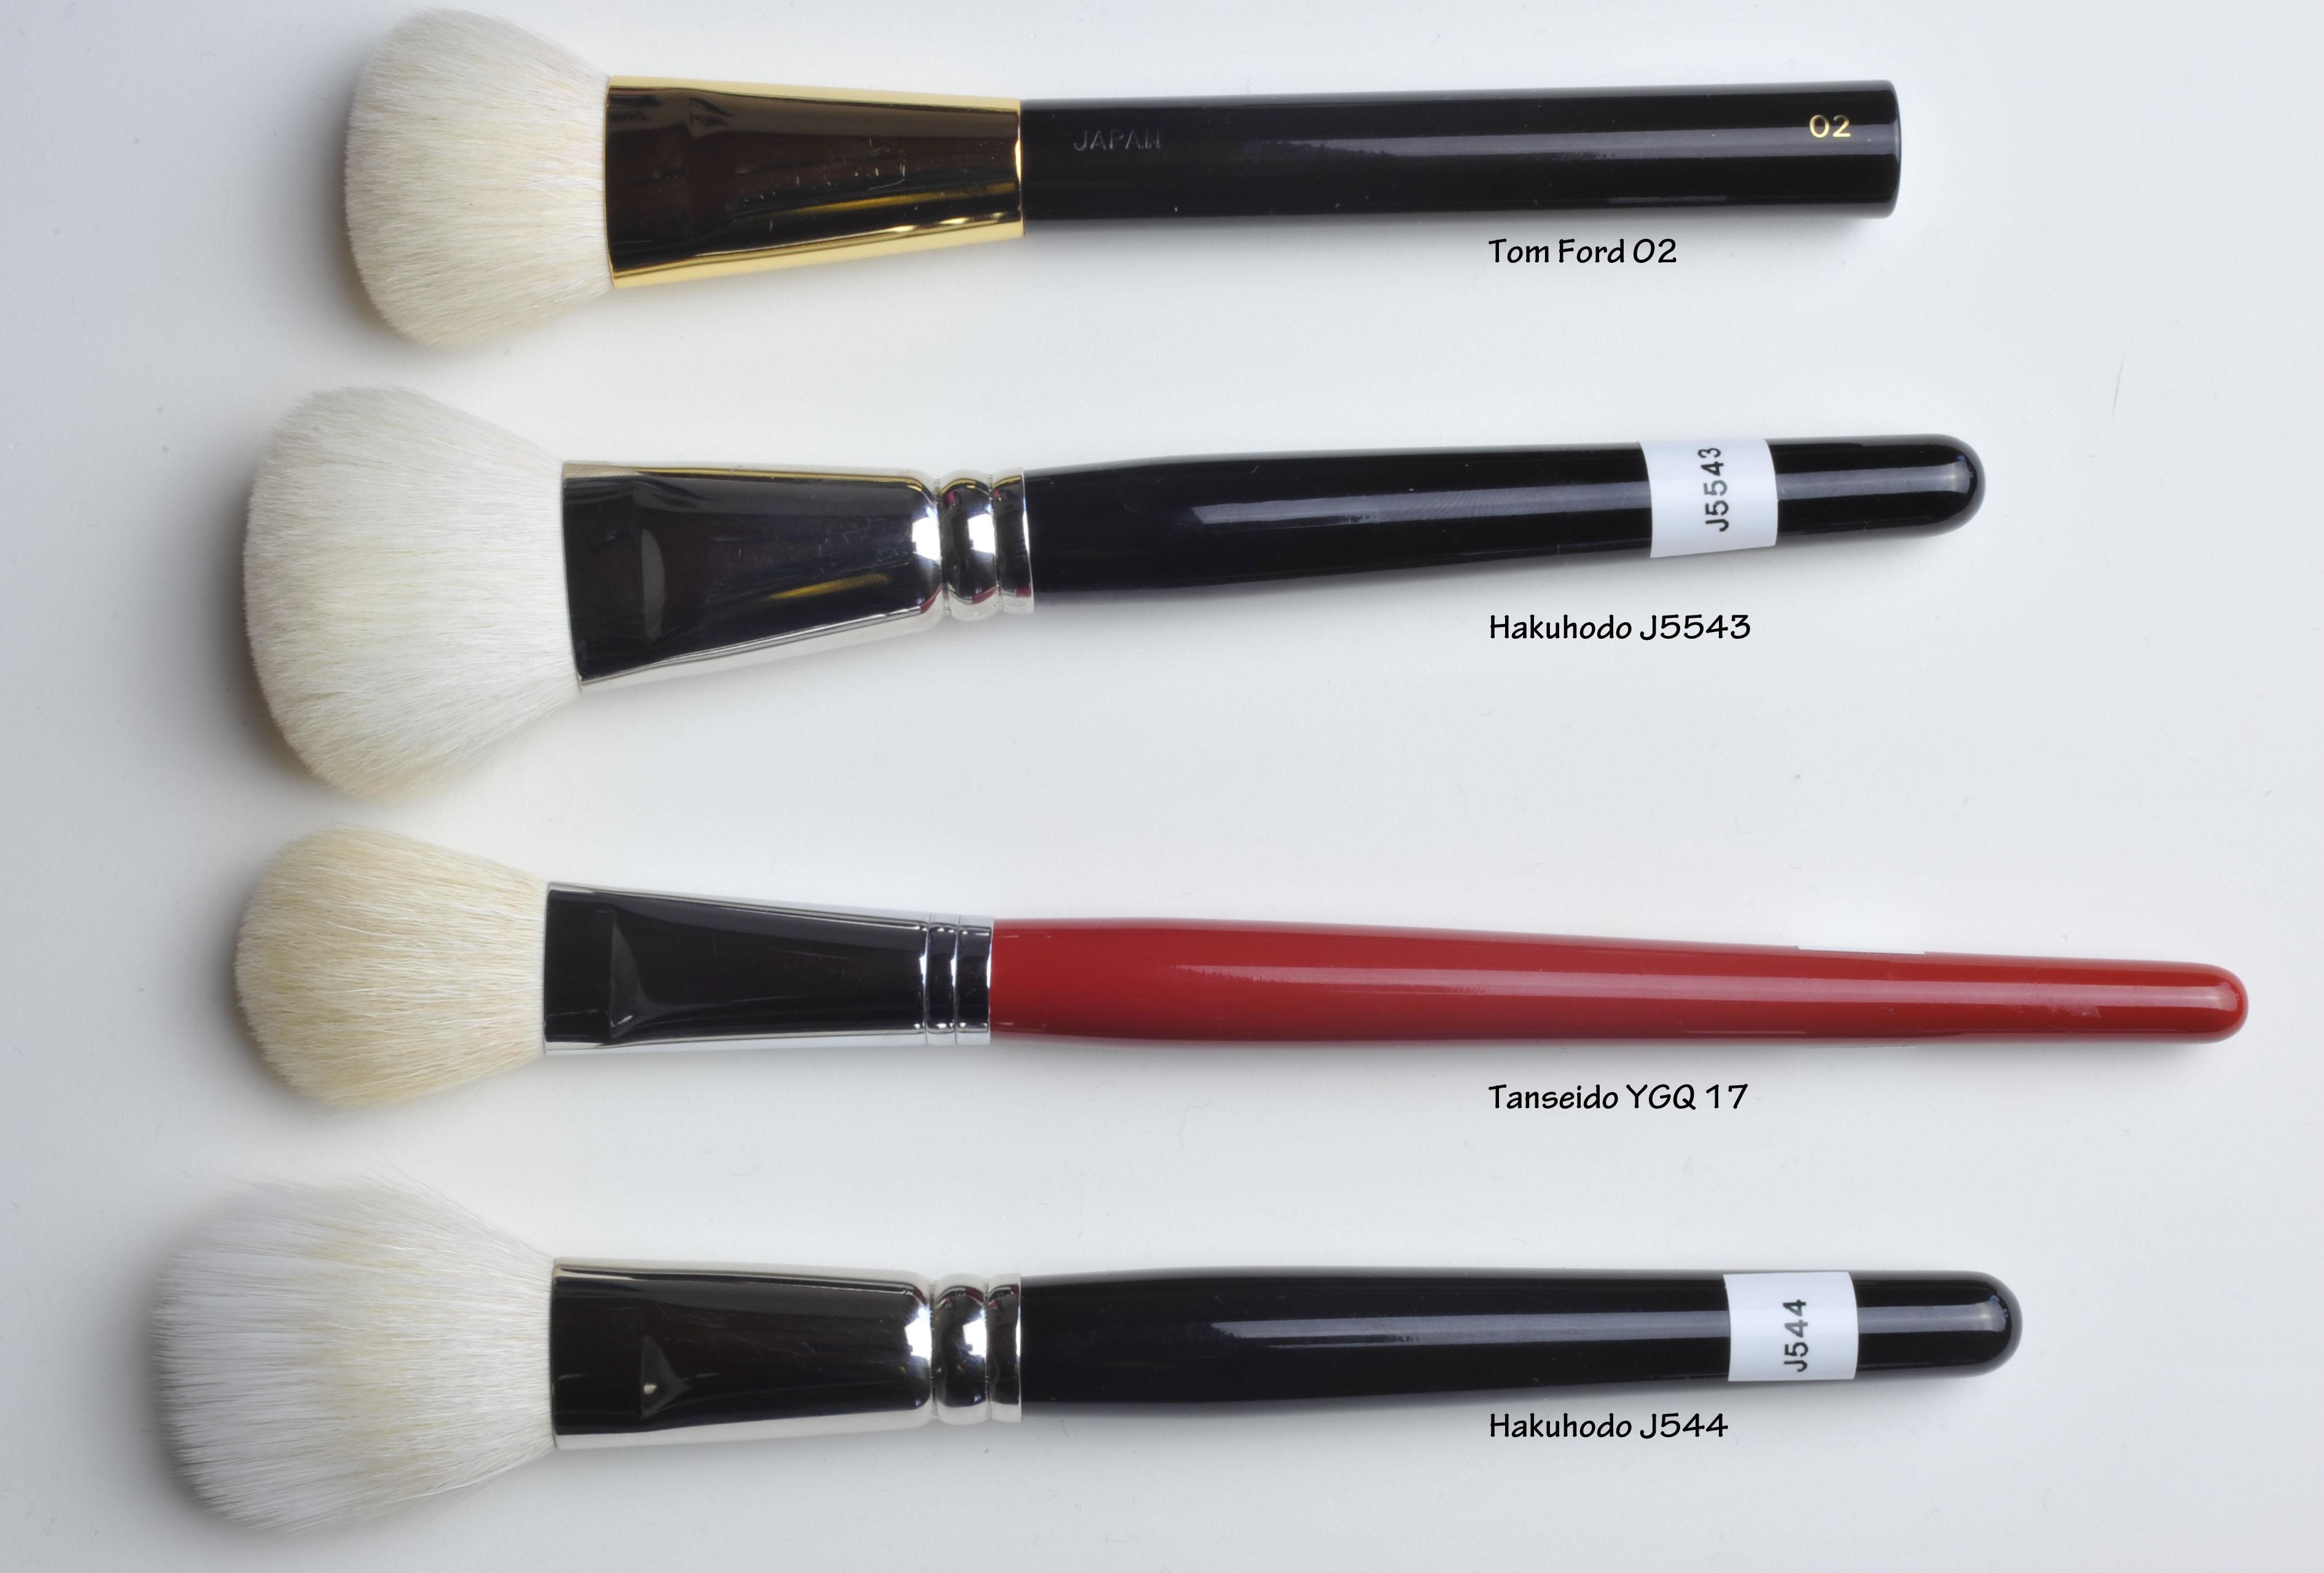 creamblushbrushes